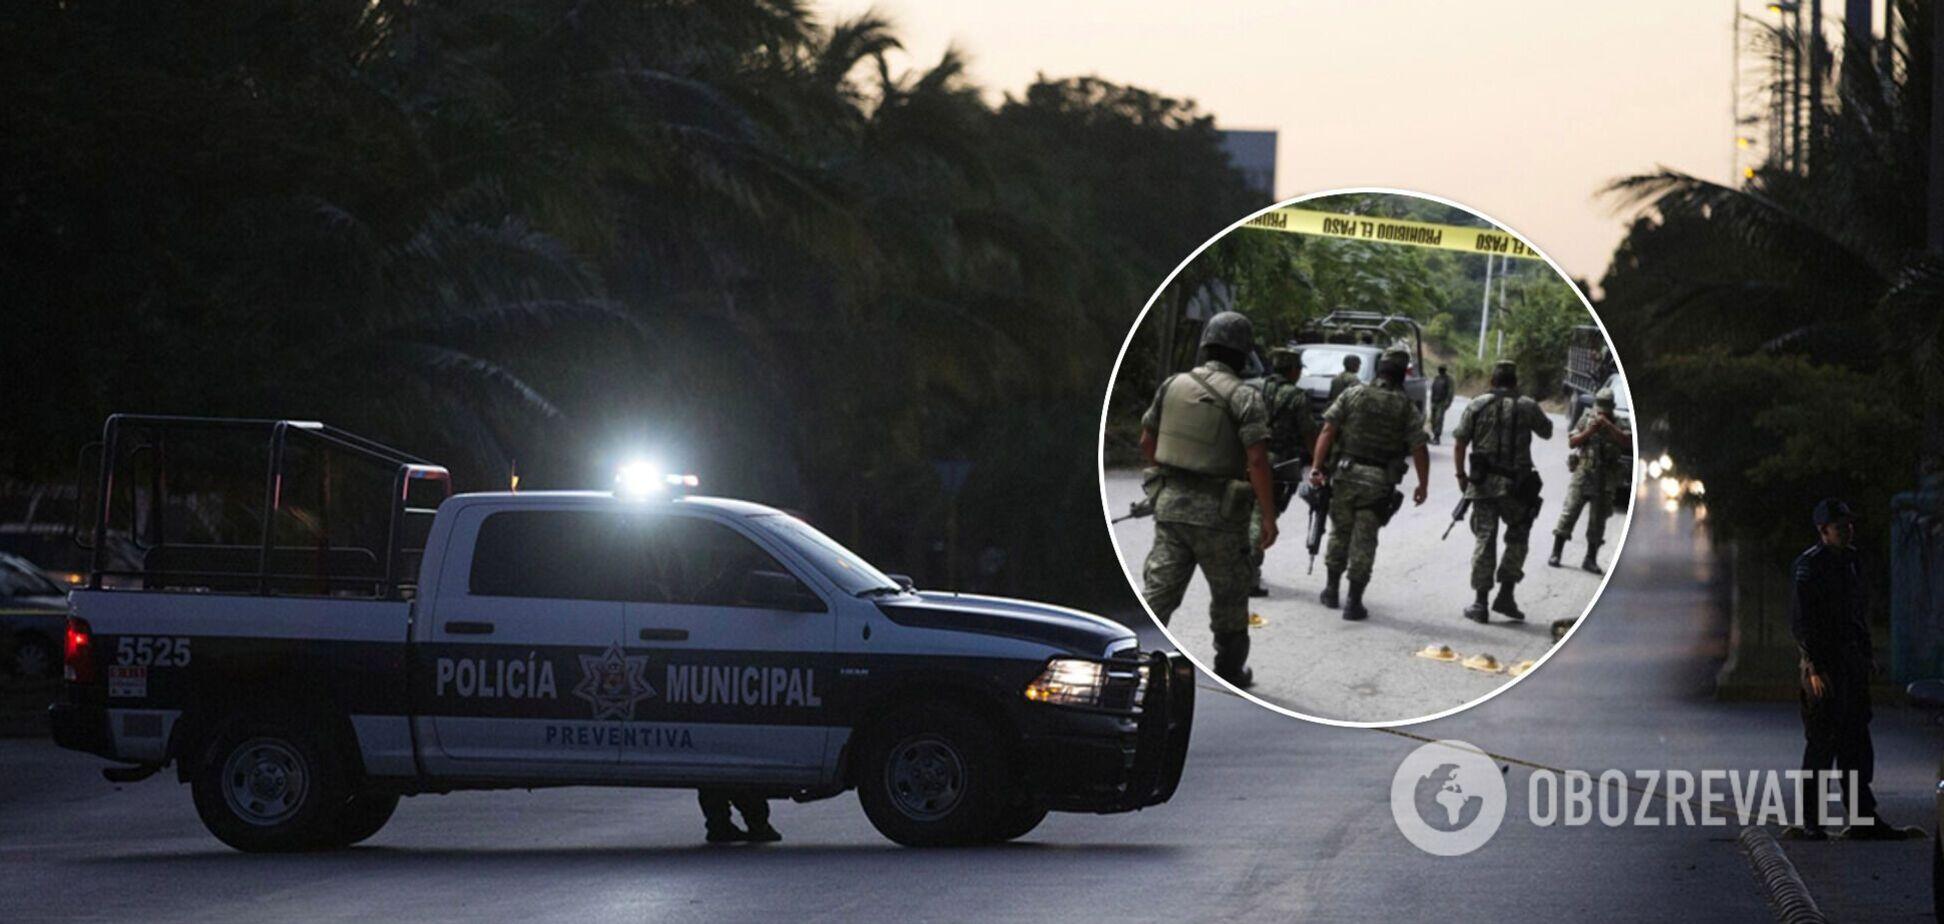 У Мексиці під час бандитських розбірок загинули 18 осіб, – ЗМІ